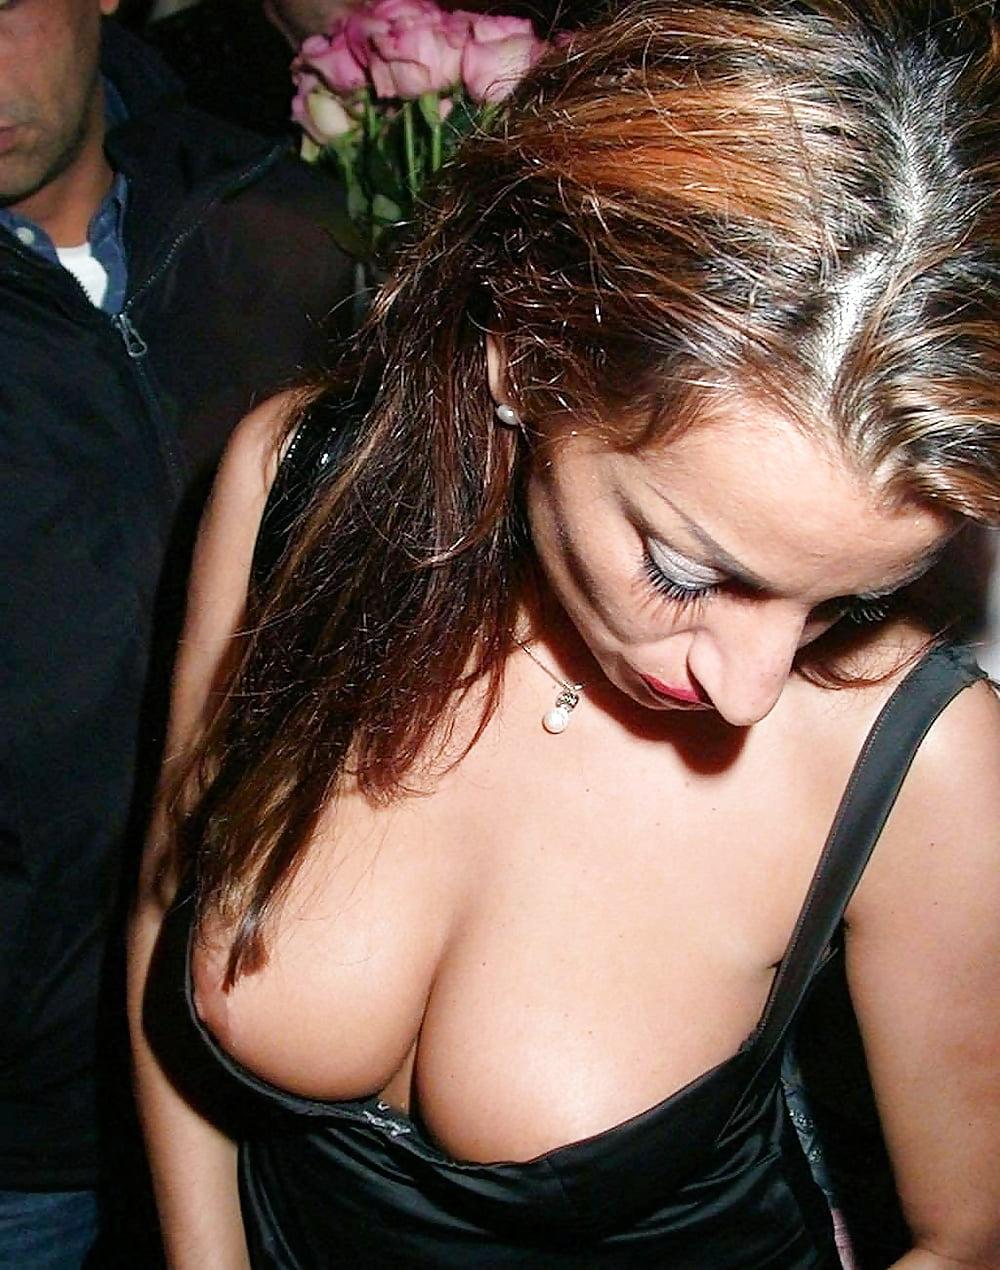 Indian Big Boobs Porn Pics